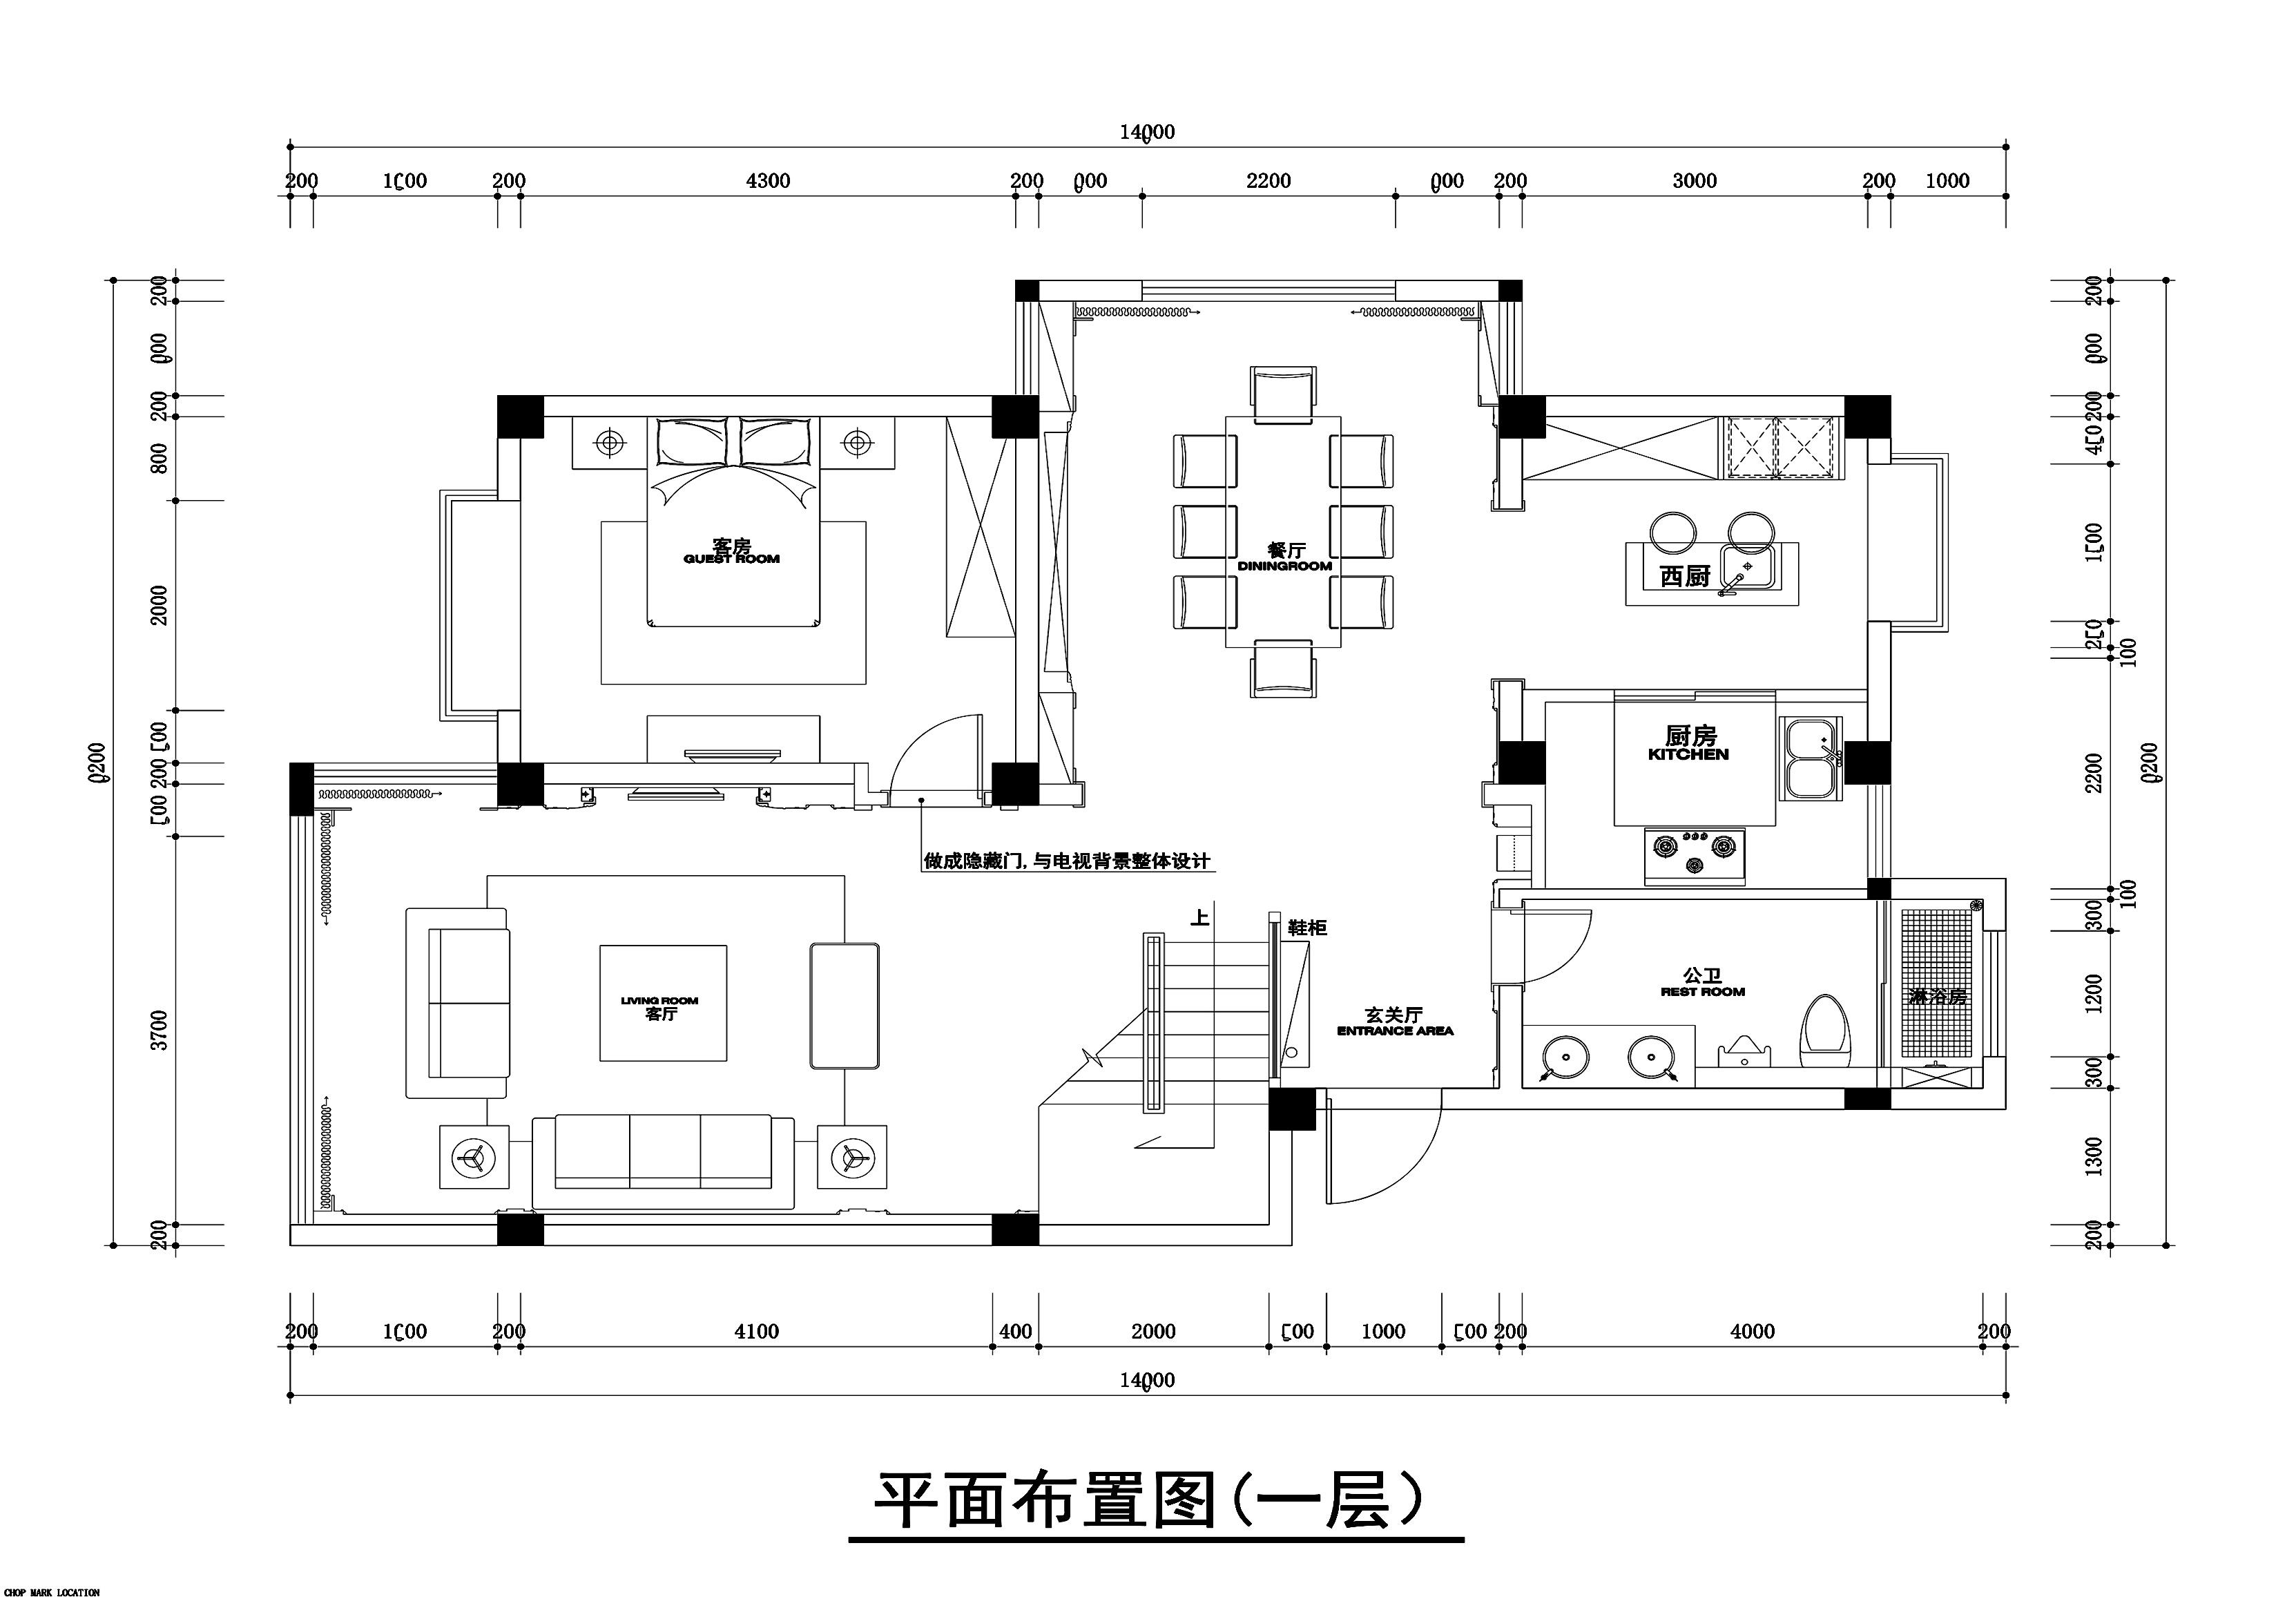 施工图 项目位置:江苏 设计风格:欧陆风格 图纸格式:jpg,cad2000 设计